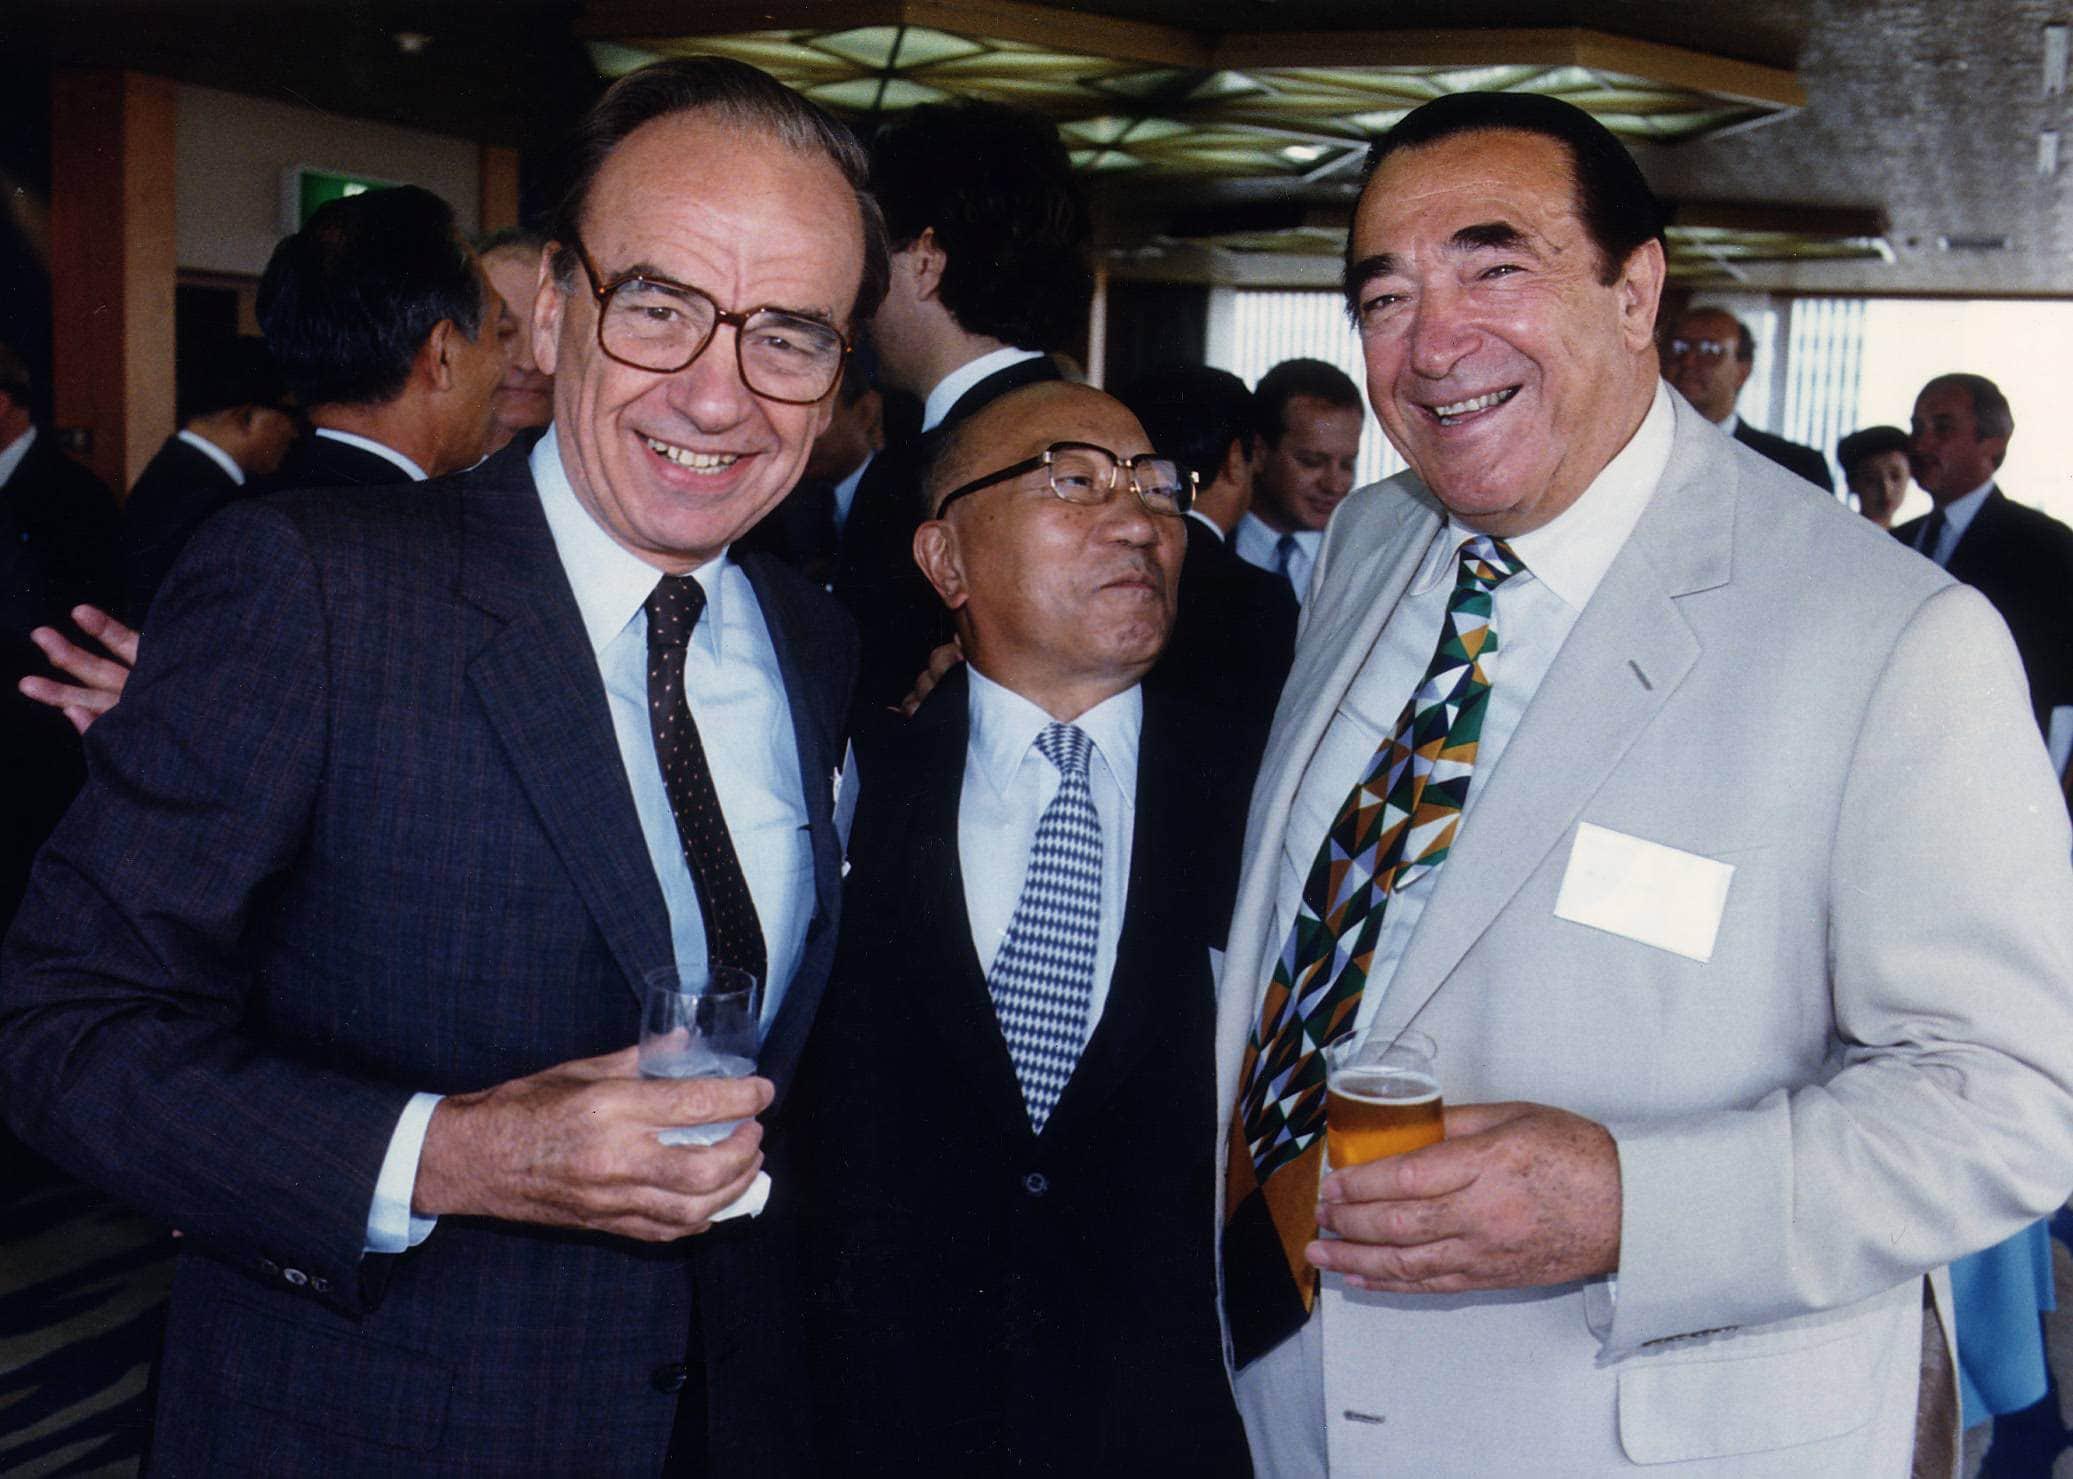 רוברט מקסוול (מימין) עם רופרט מרדוק (משמאל). התאריך לא ידוע (צילום: Trinity Mirror / Mirrorpix / Alam)